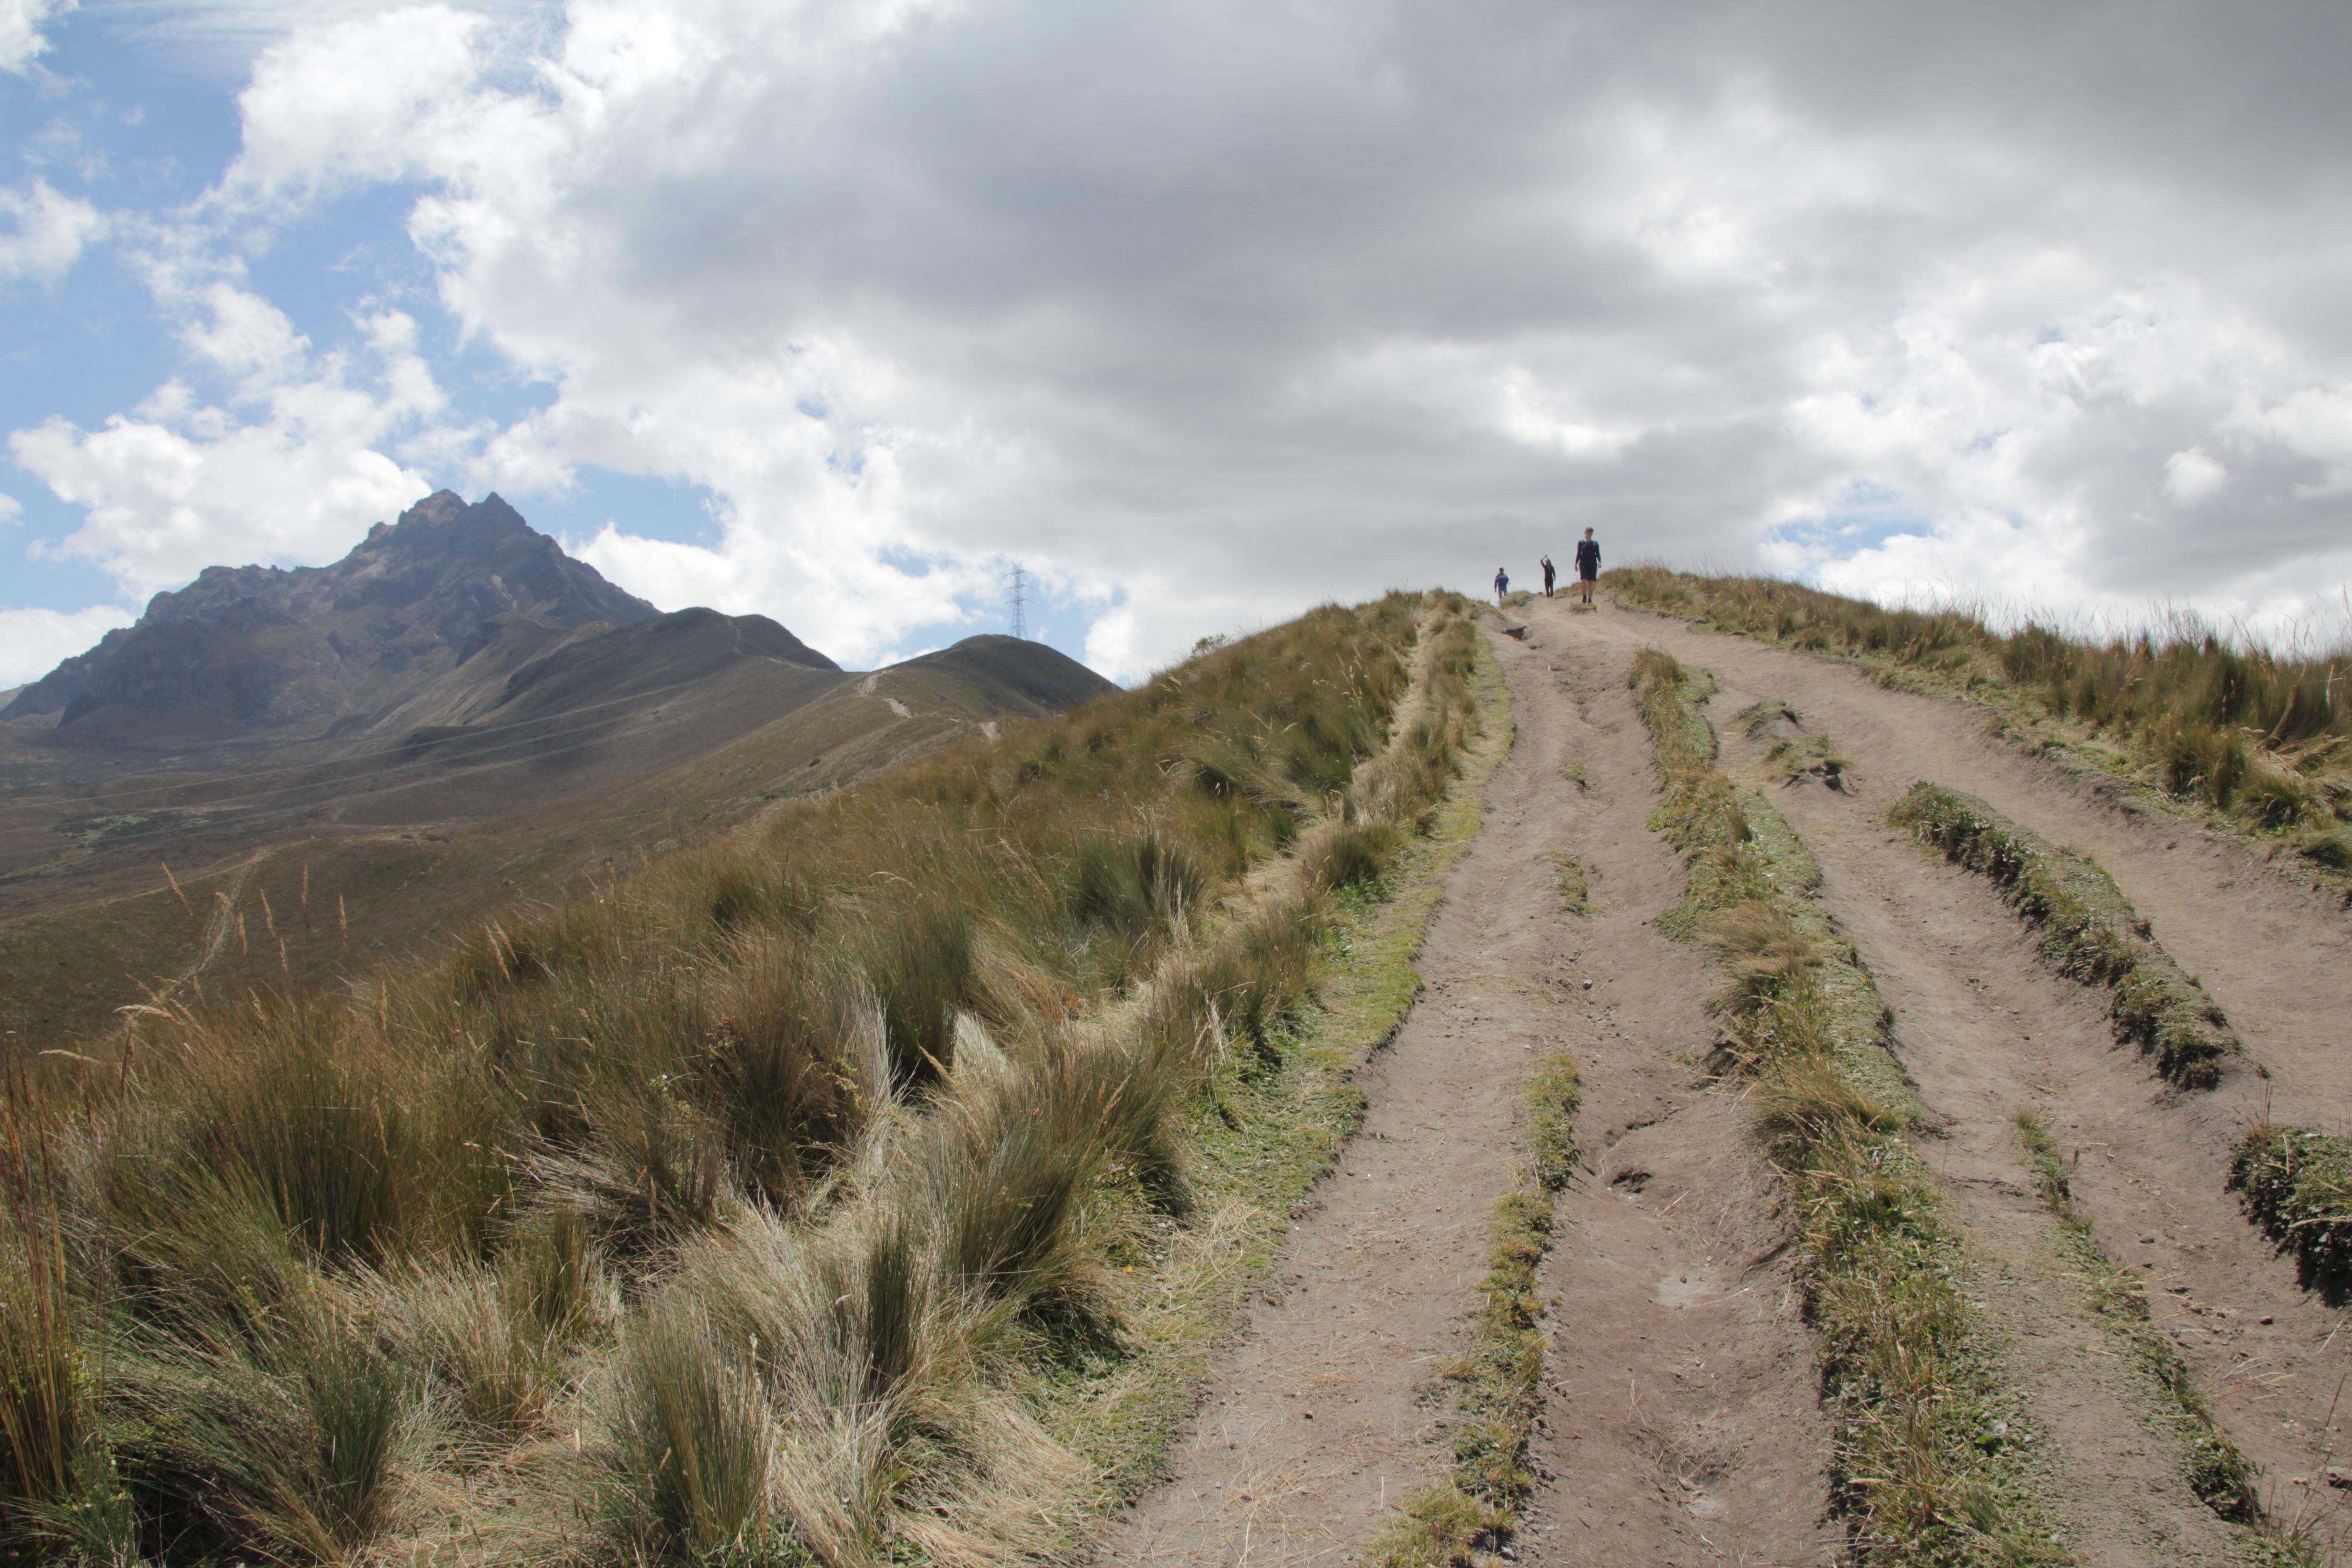 Le téléphérique de Quito mène les visiteurs à plus de 4 000 mètres d'altitude (© Jérôme Decoster).